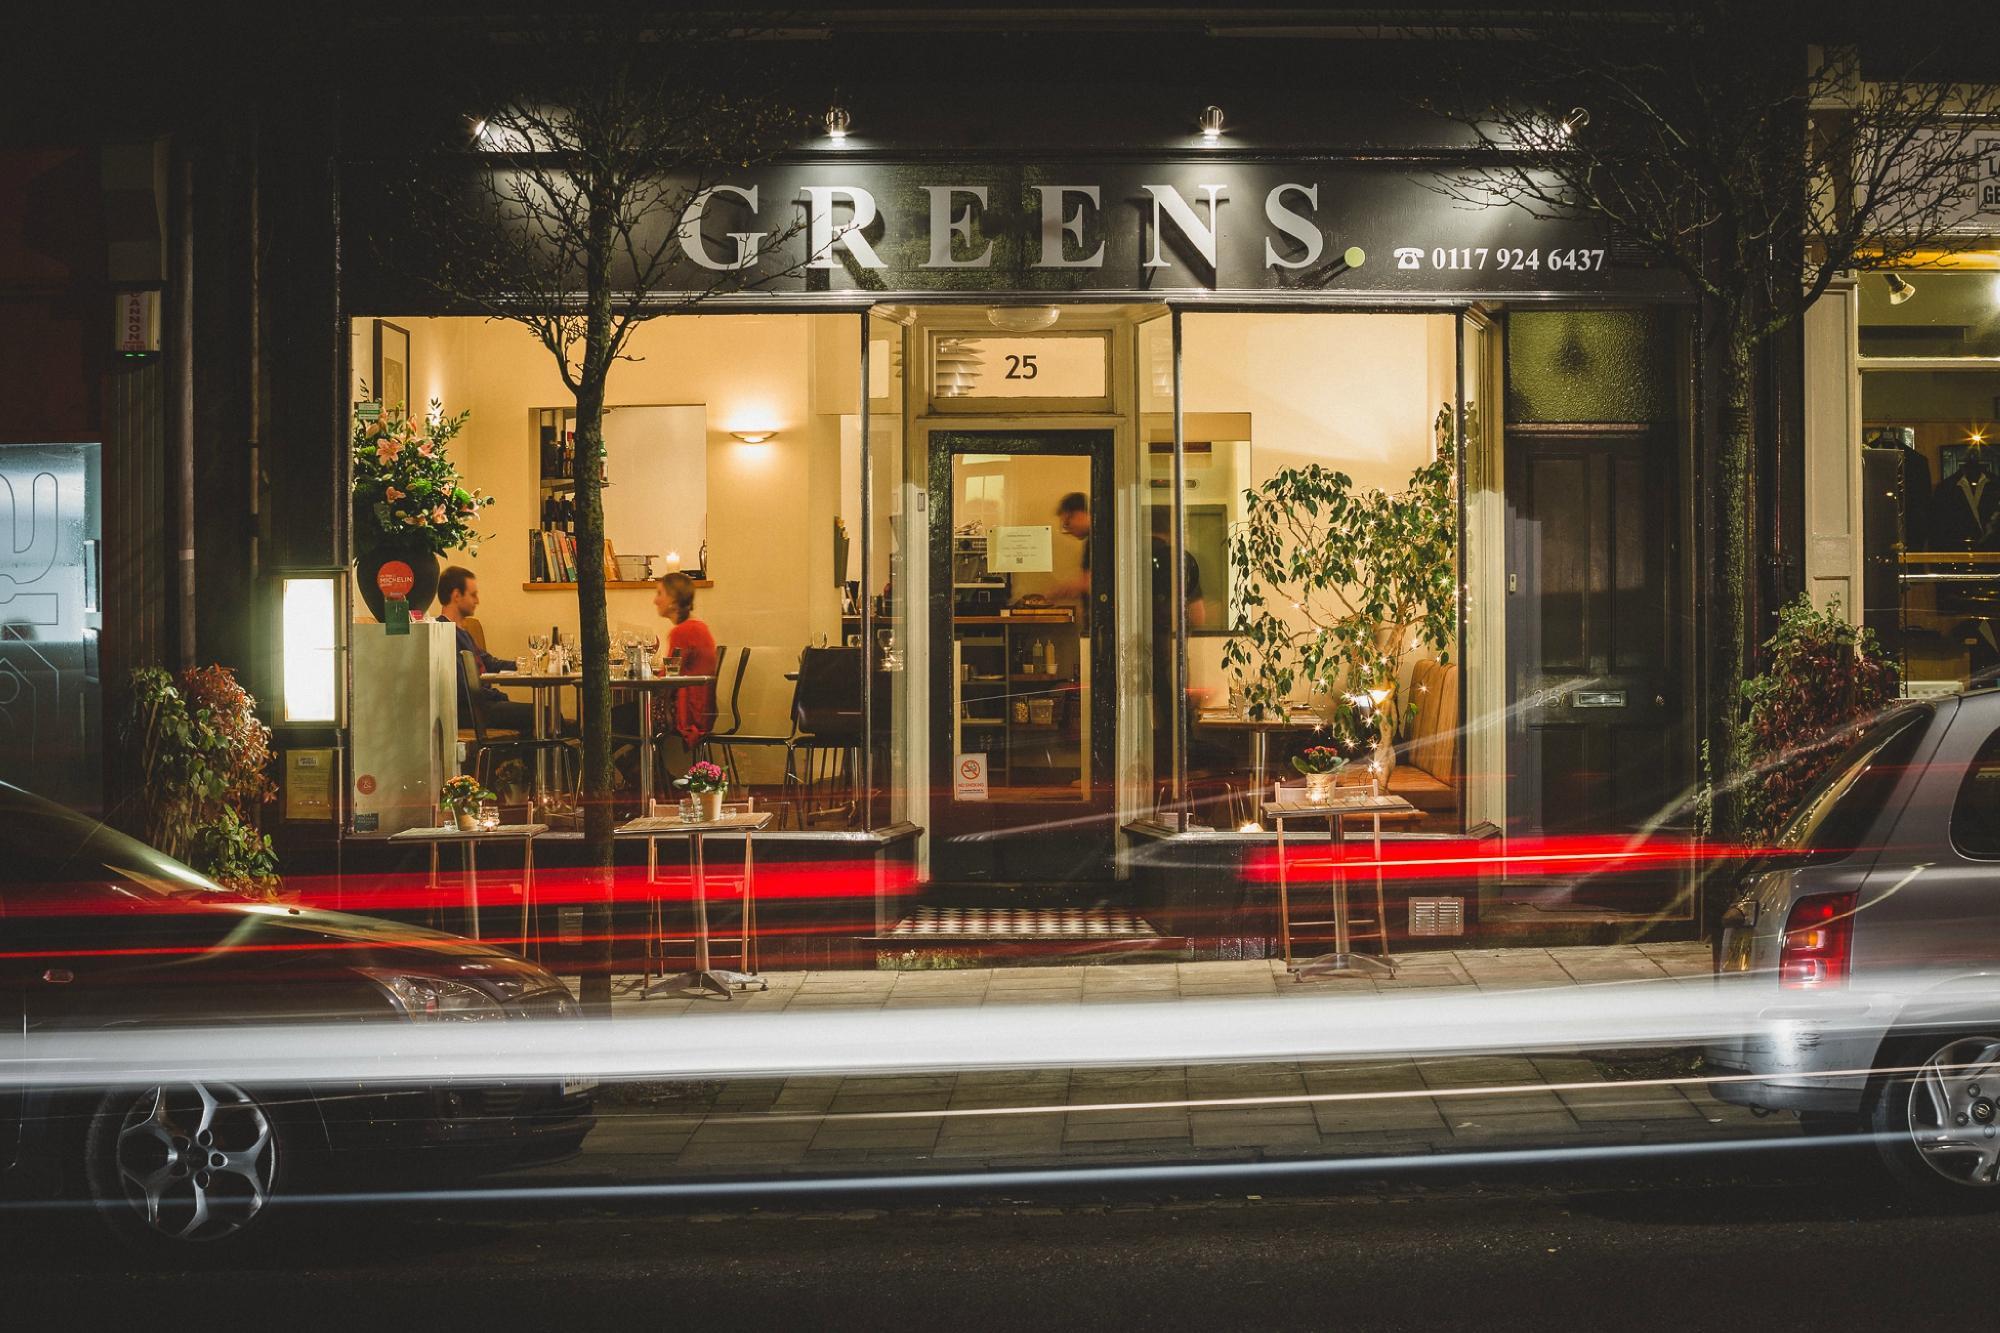 Greens restaurant for Greens dining room zetland road bristol